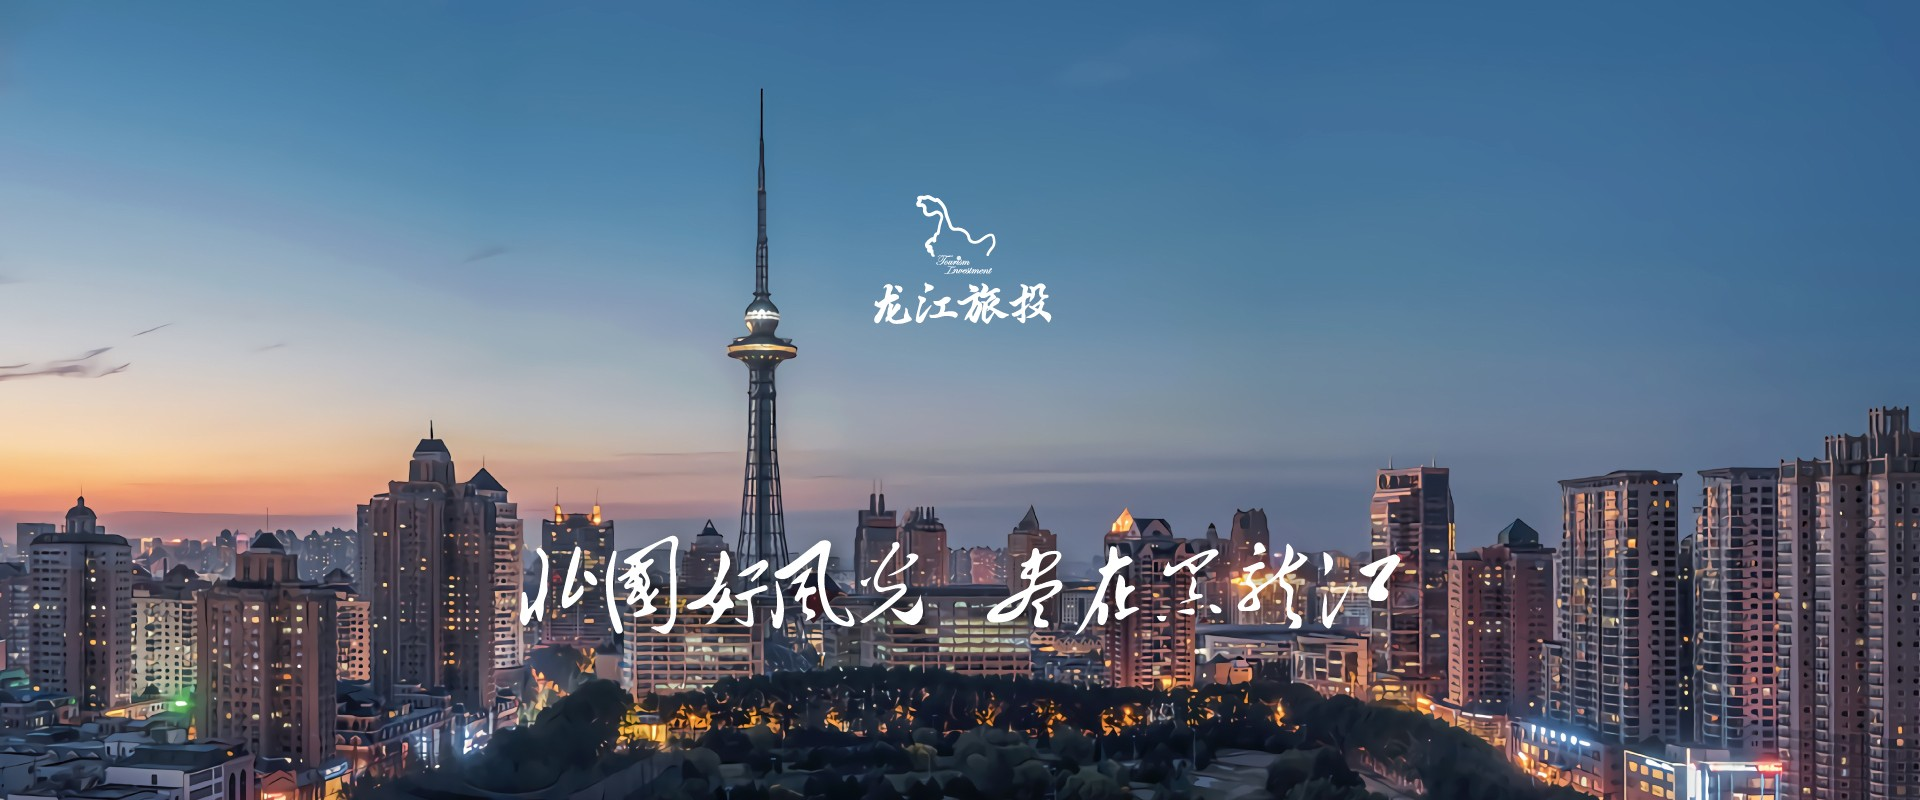 黑龙江-夏